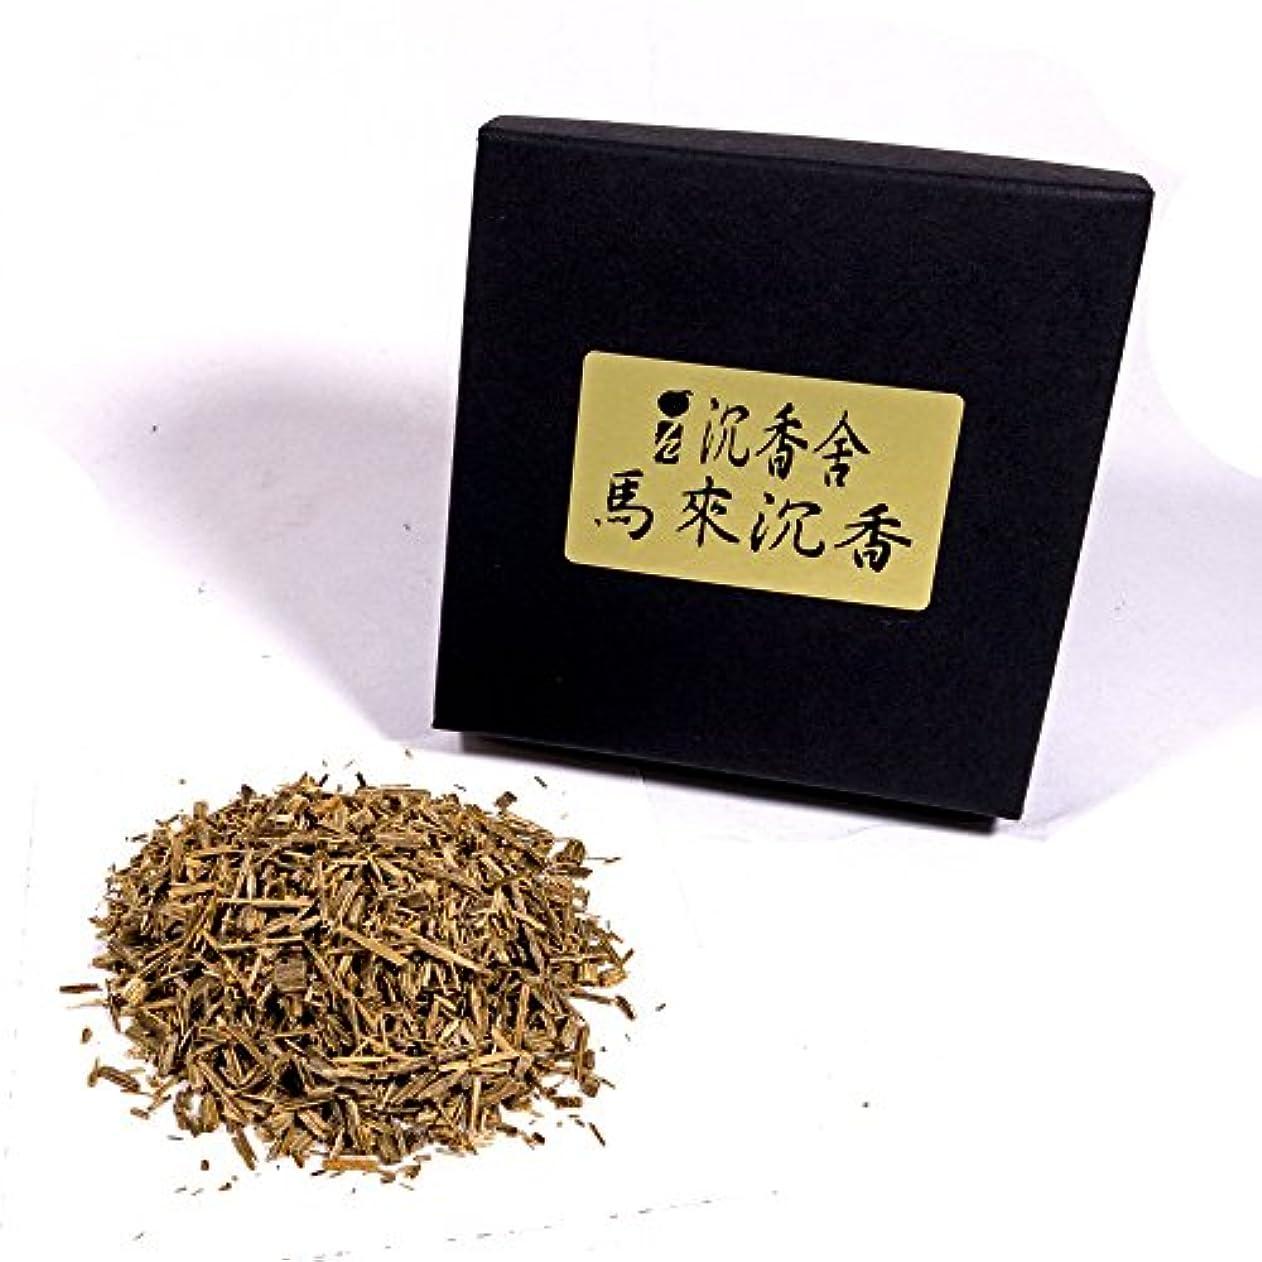 干し草確かに戸惑う馬來西亞 沈香くず 5gくず お香 お焼香 焼香 マレーシア産 馬來西亞 天然沉香香木のくず